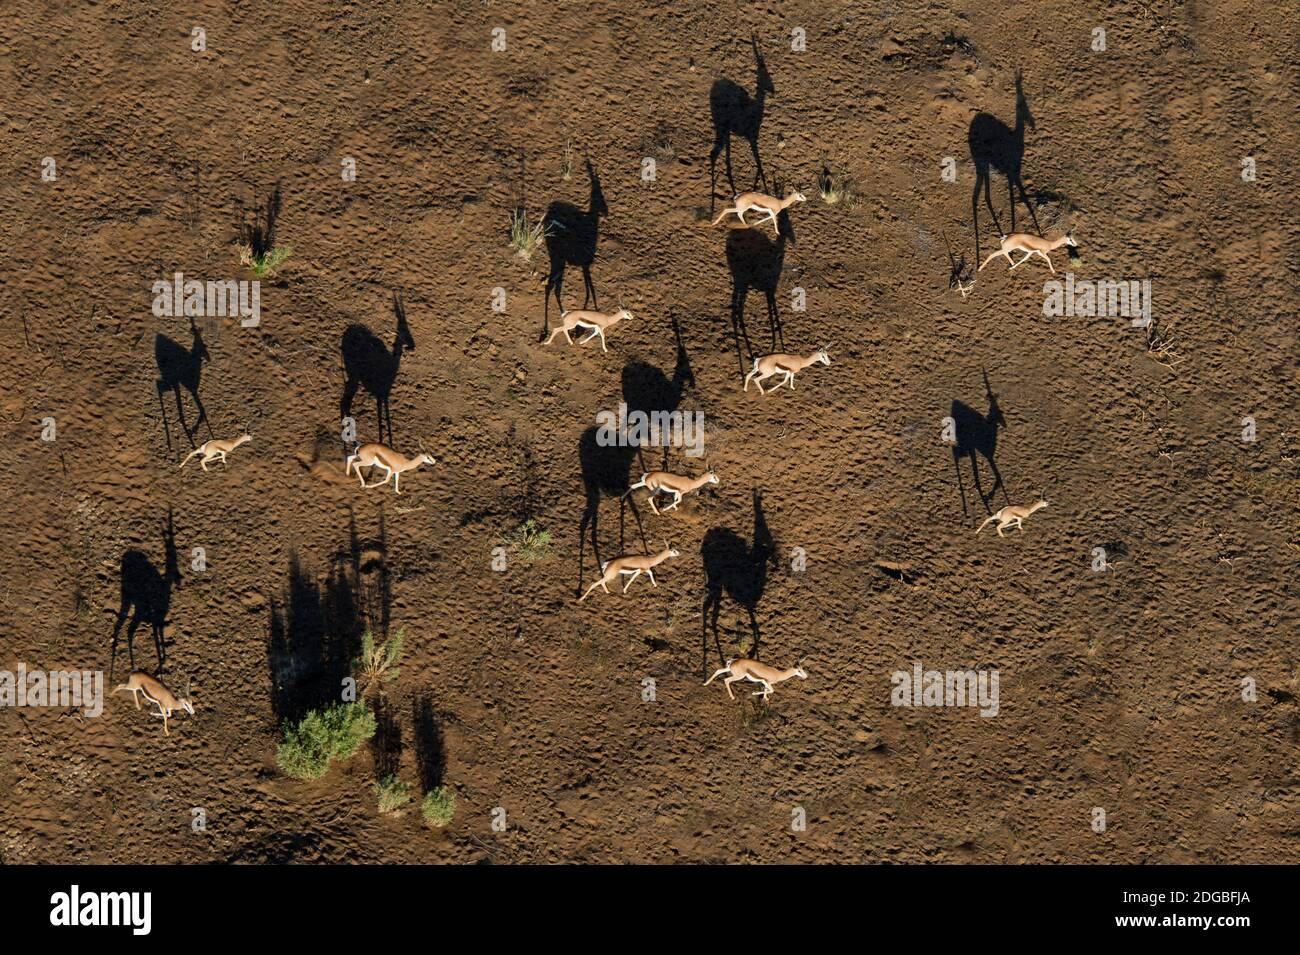 Vue aérienne des cerfs, Sossusvlei, désert du Namib, parc national Namib-Naukluft, Namibie Banque D'Images